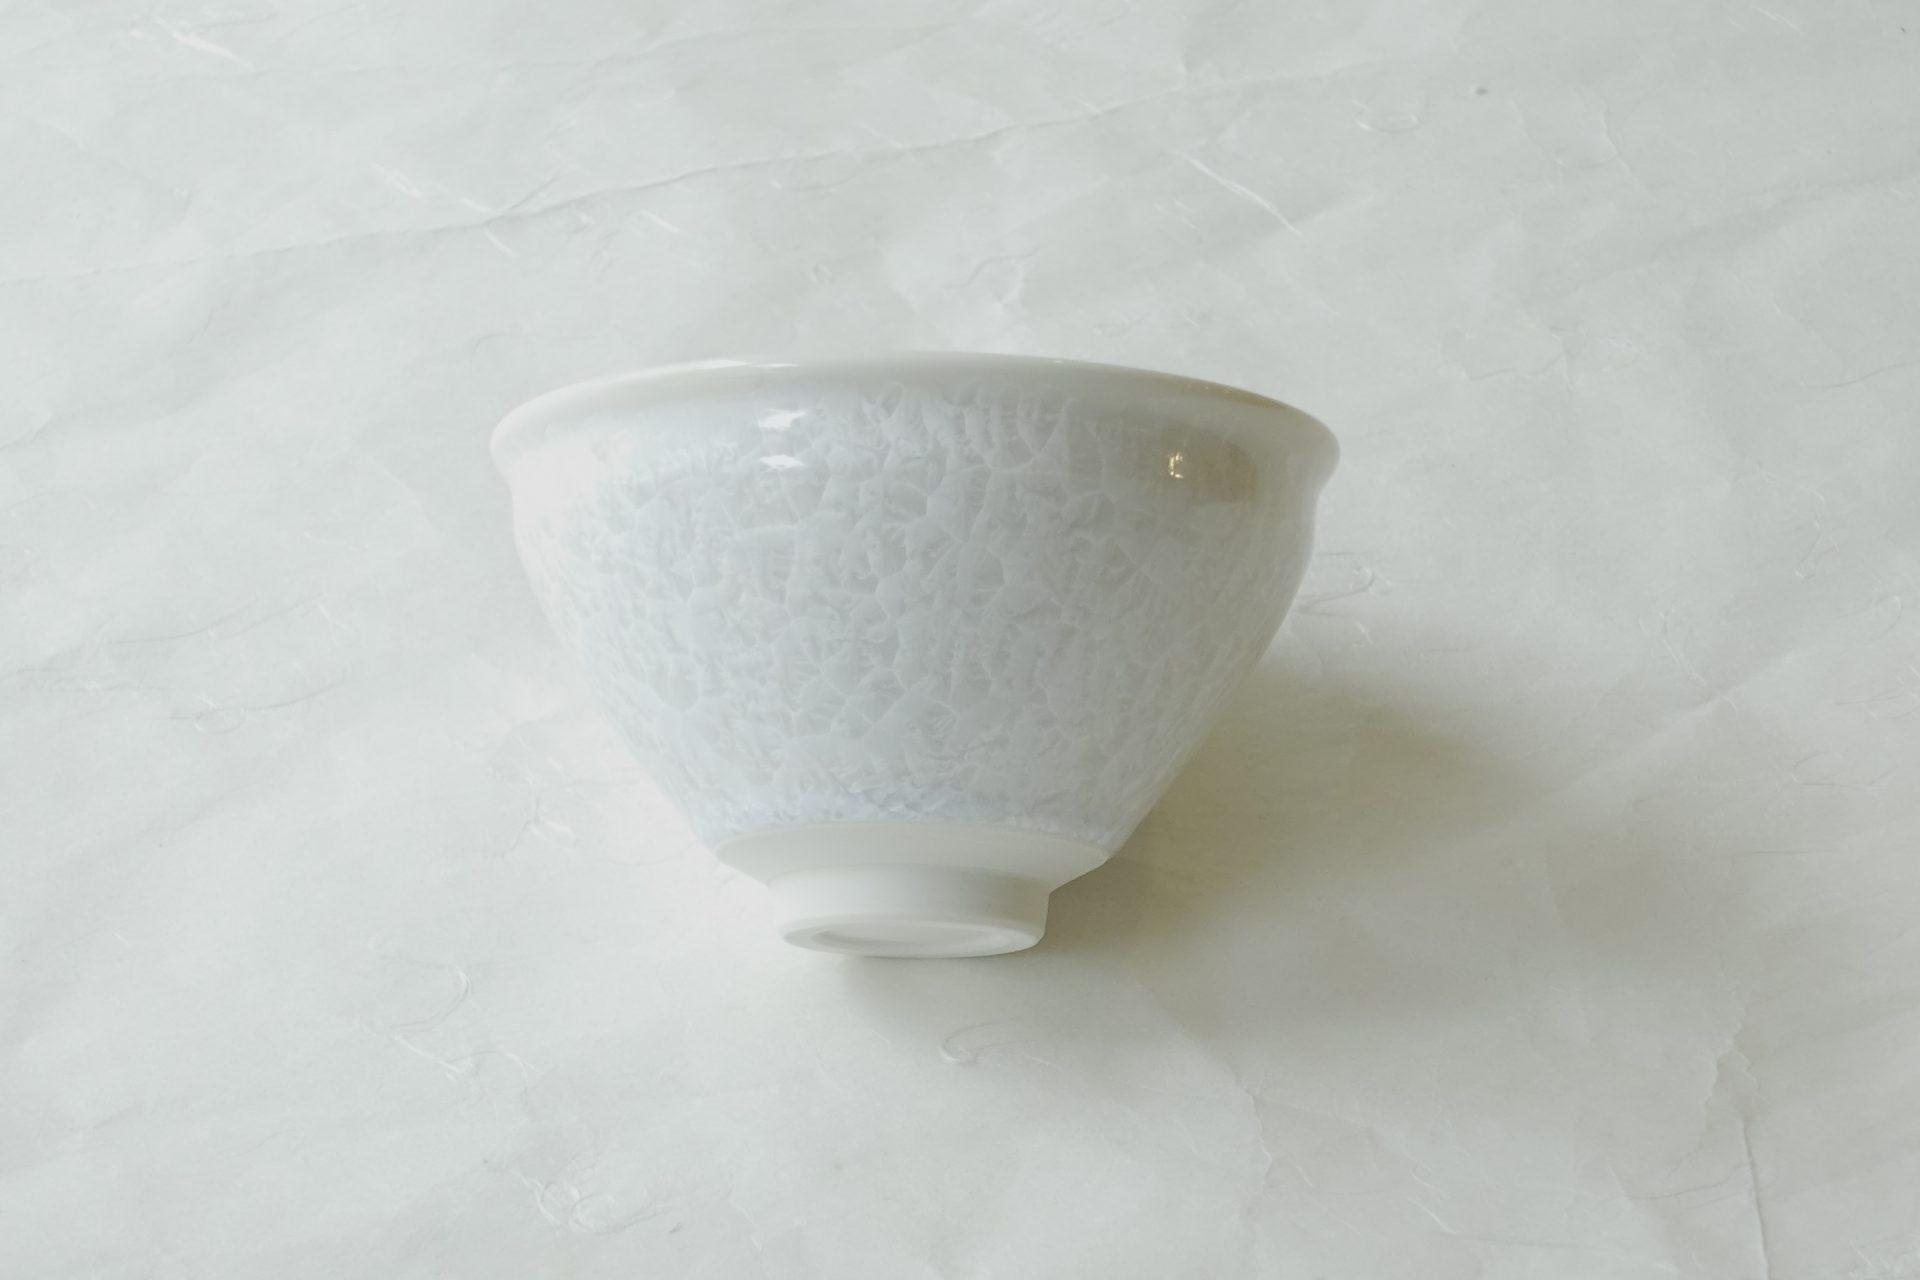 茶道具 茶の湯 茶道 清水焼 結晶釉 抹茶碗 涼し気 さわやか 小ぶり シャープ スタイリッシュ シンプル おっしゃれな形 ボール 小鉢